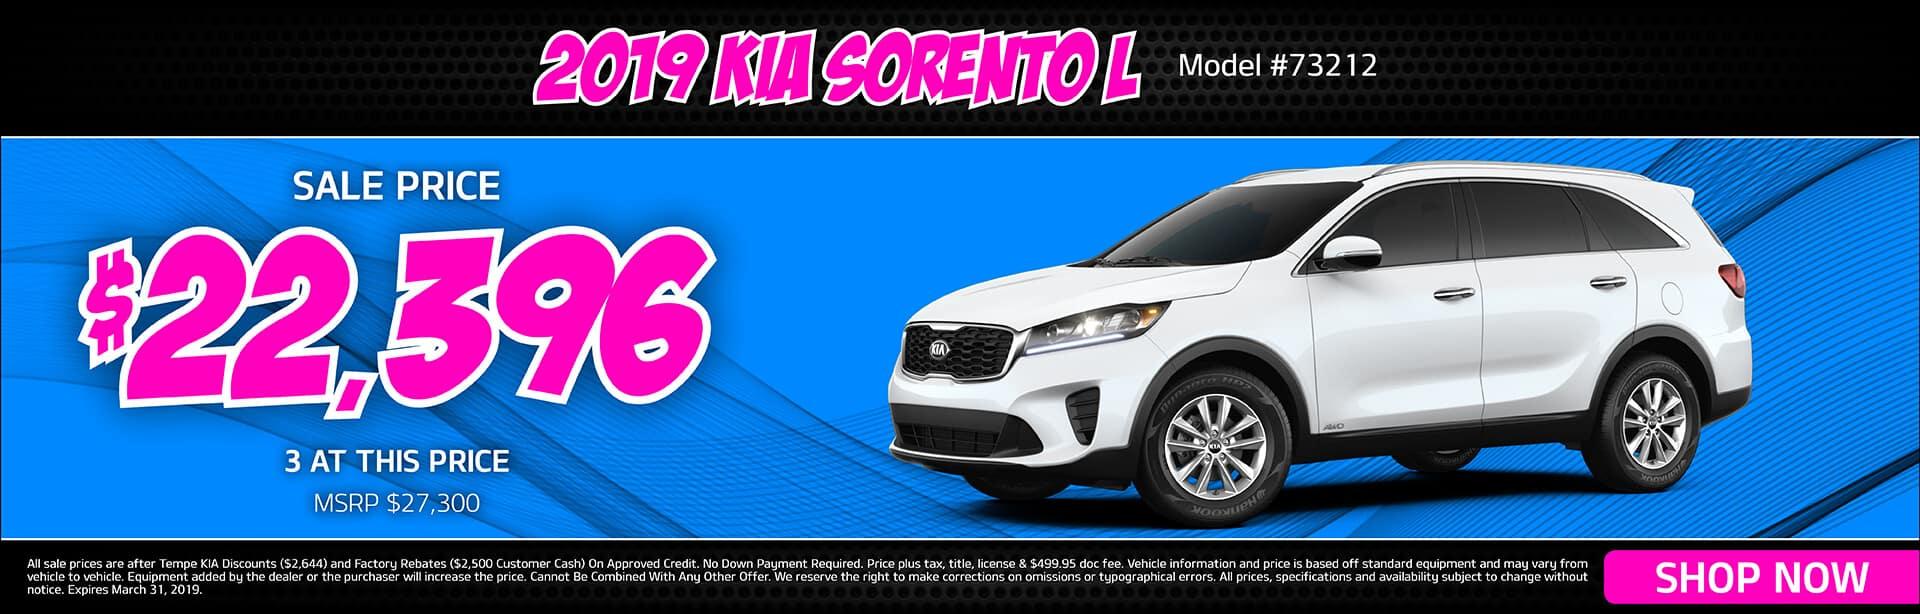 2019 KIA Sorento L Special